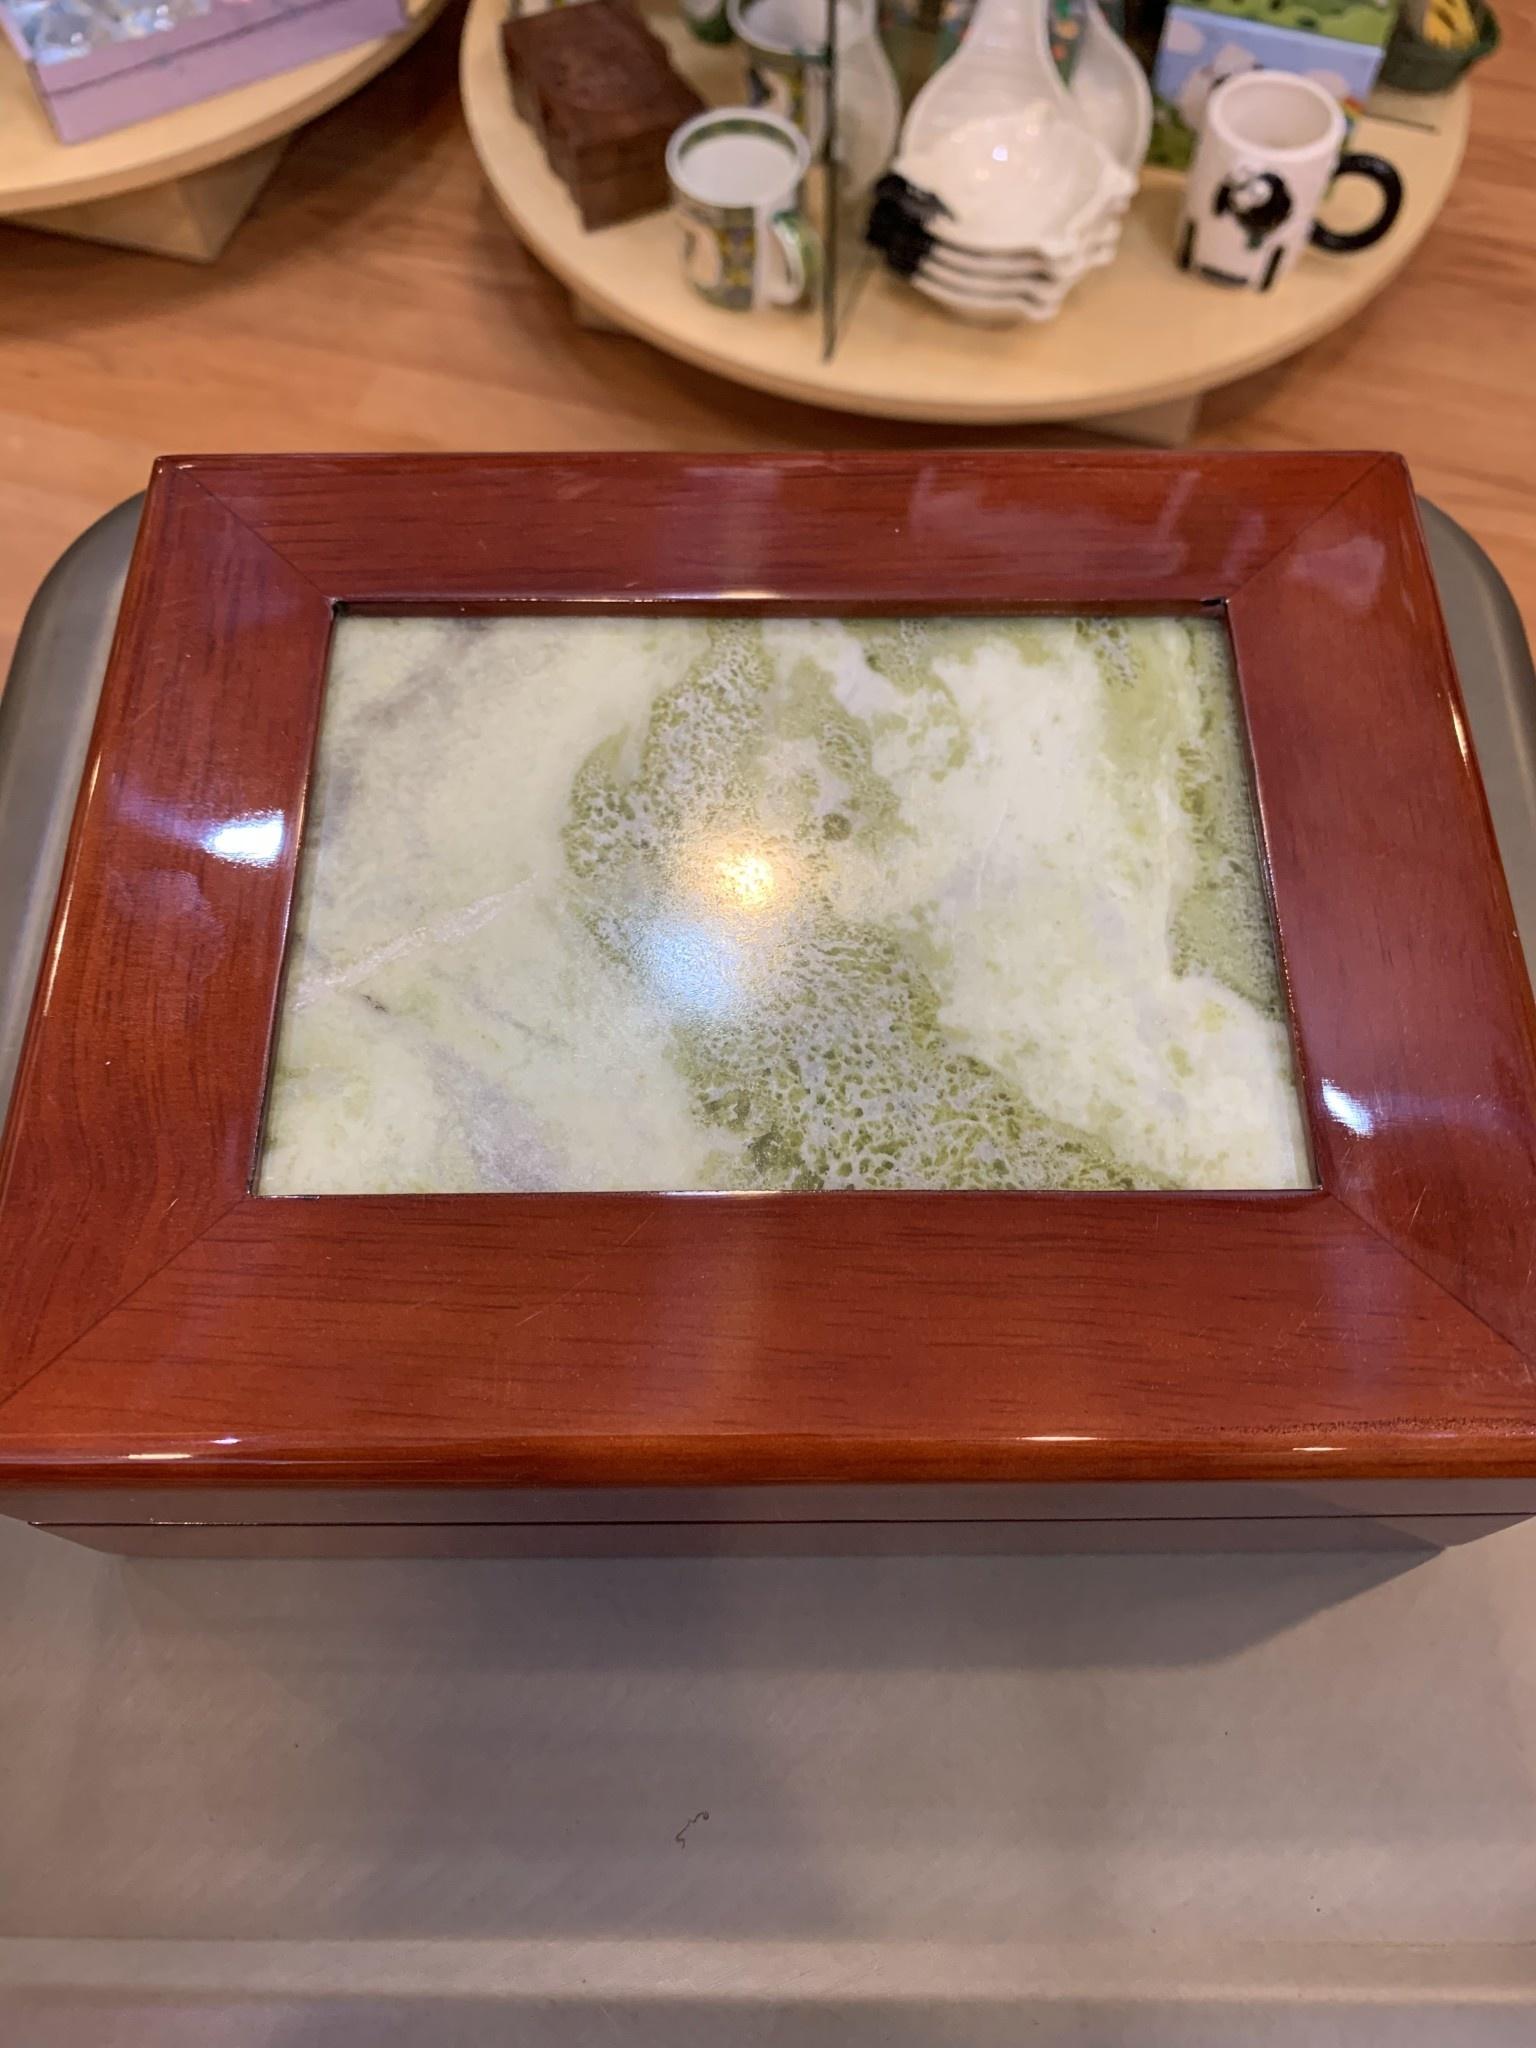 Connemara Marble Jewelry Box: Connemara Marble, Cherry